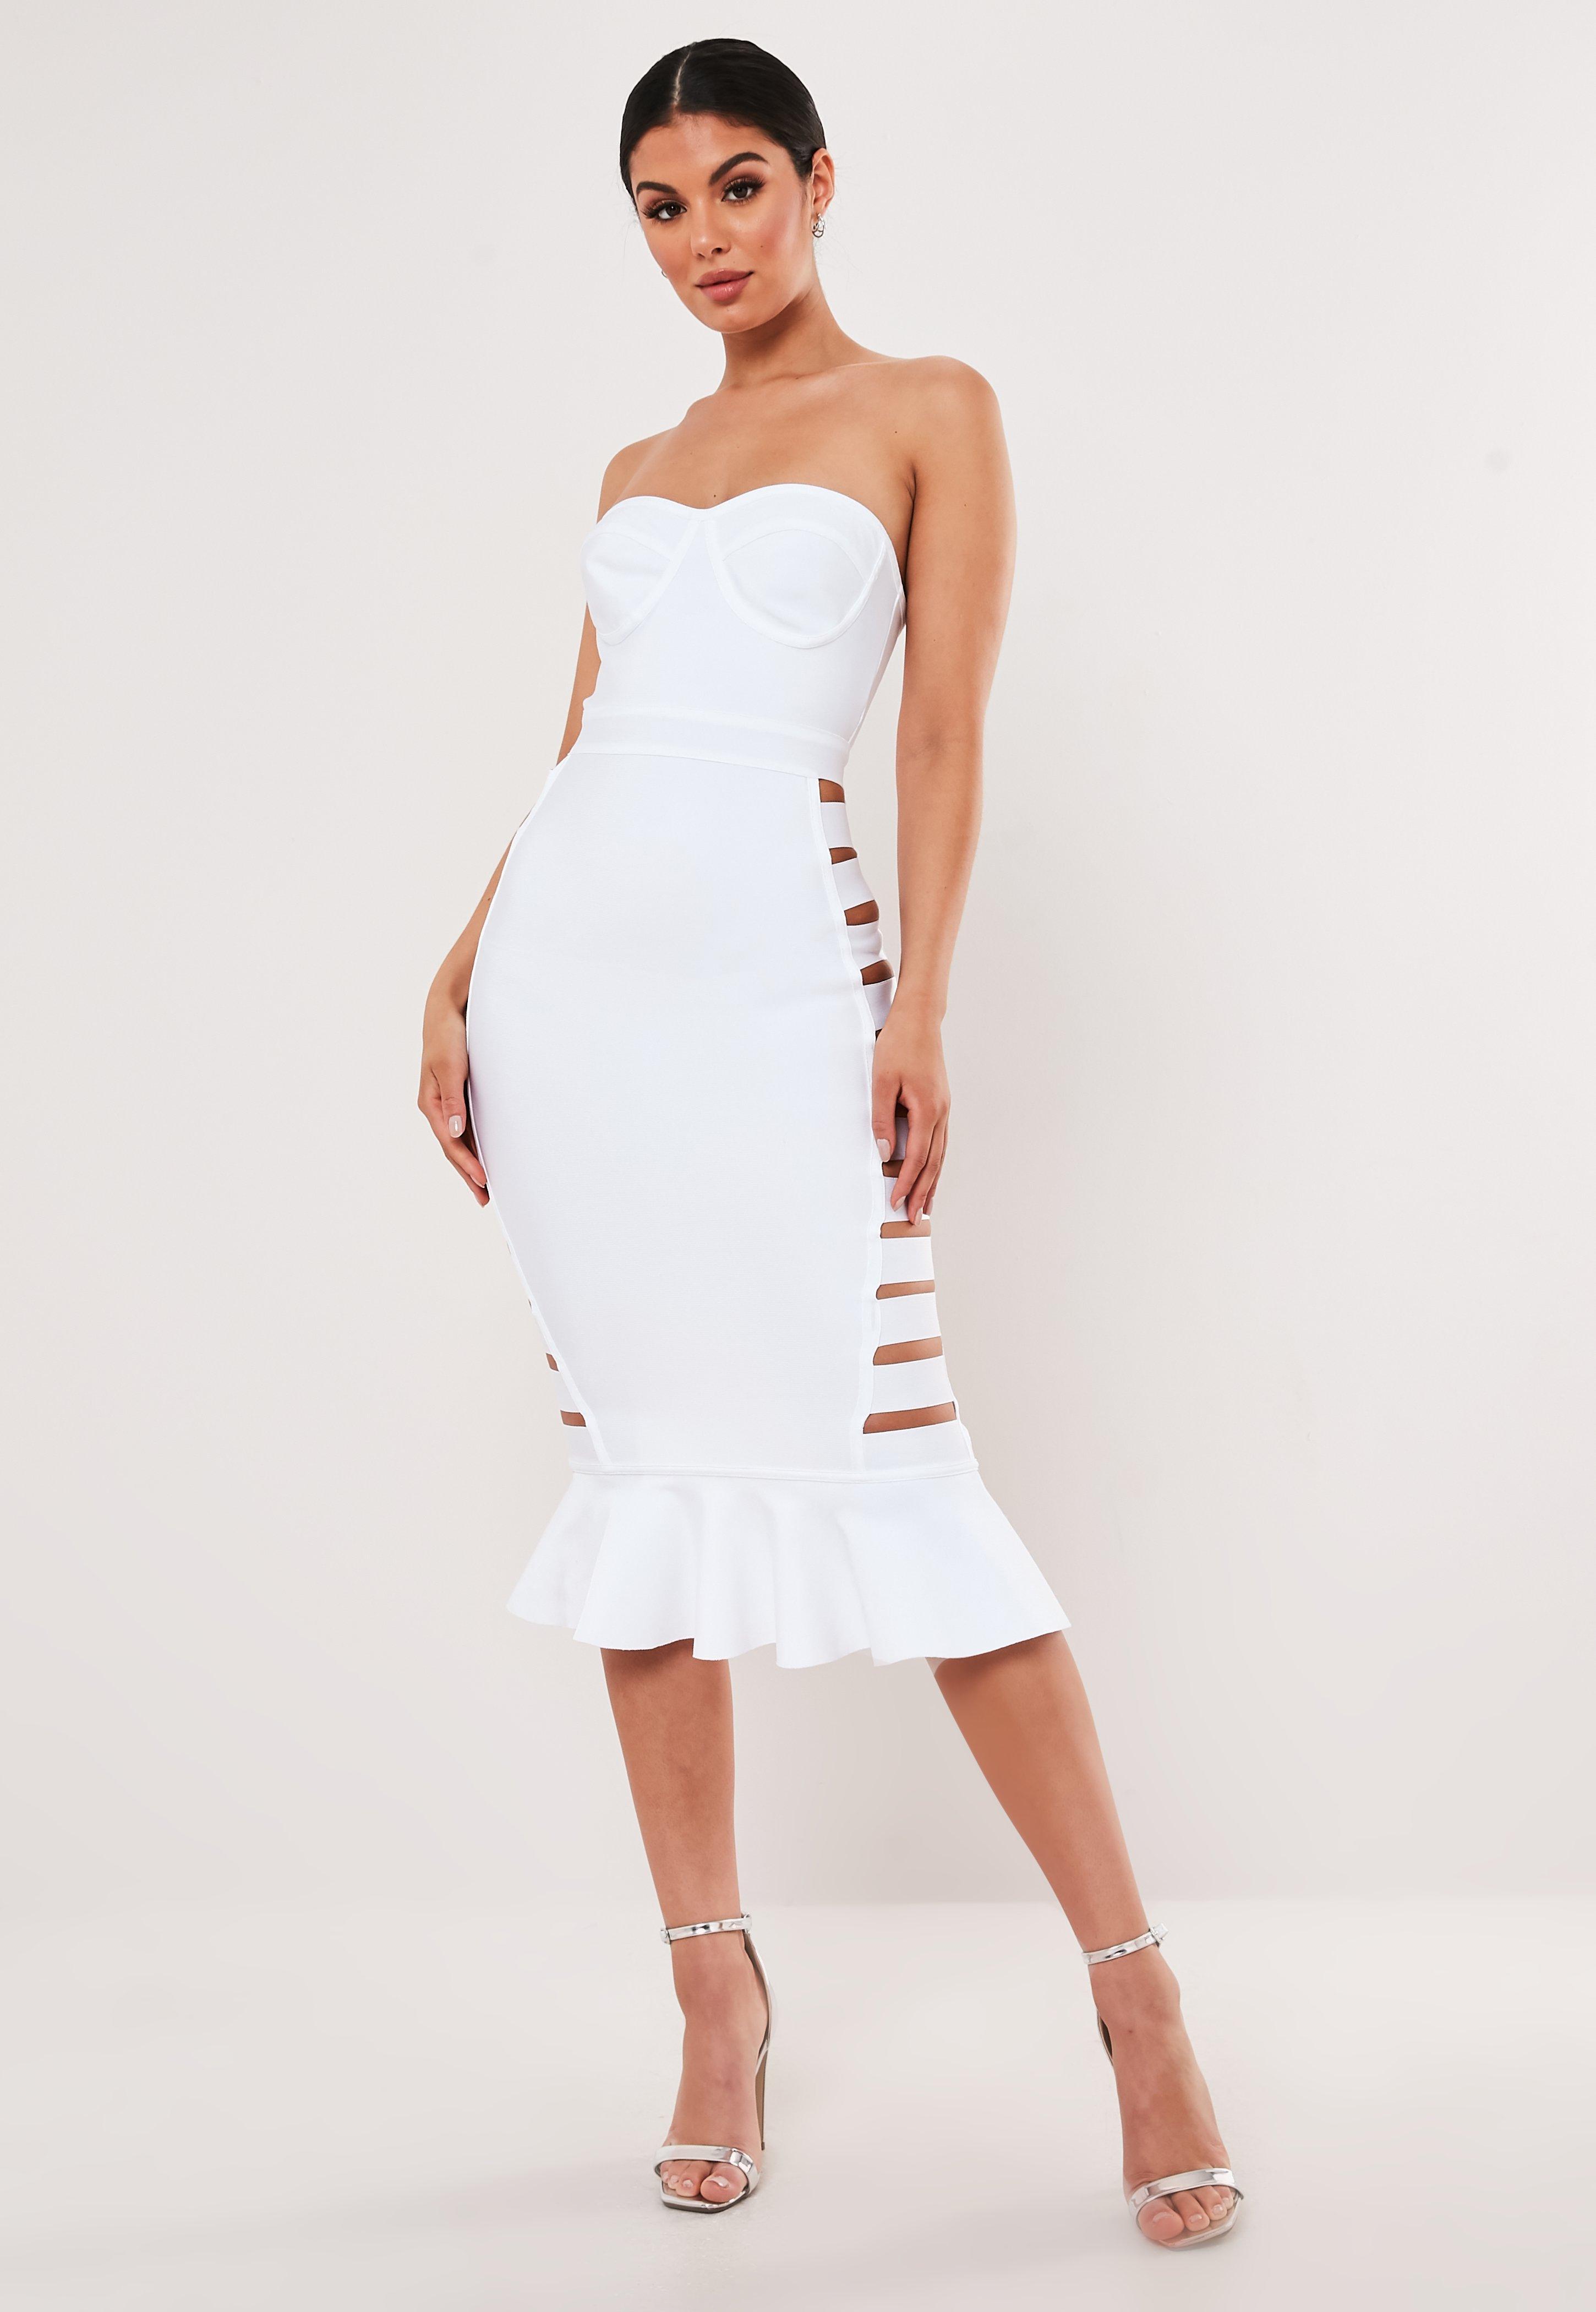 e492117eb63 Bodycon Dresses